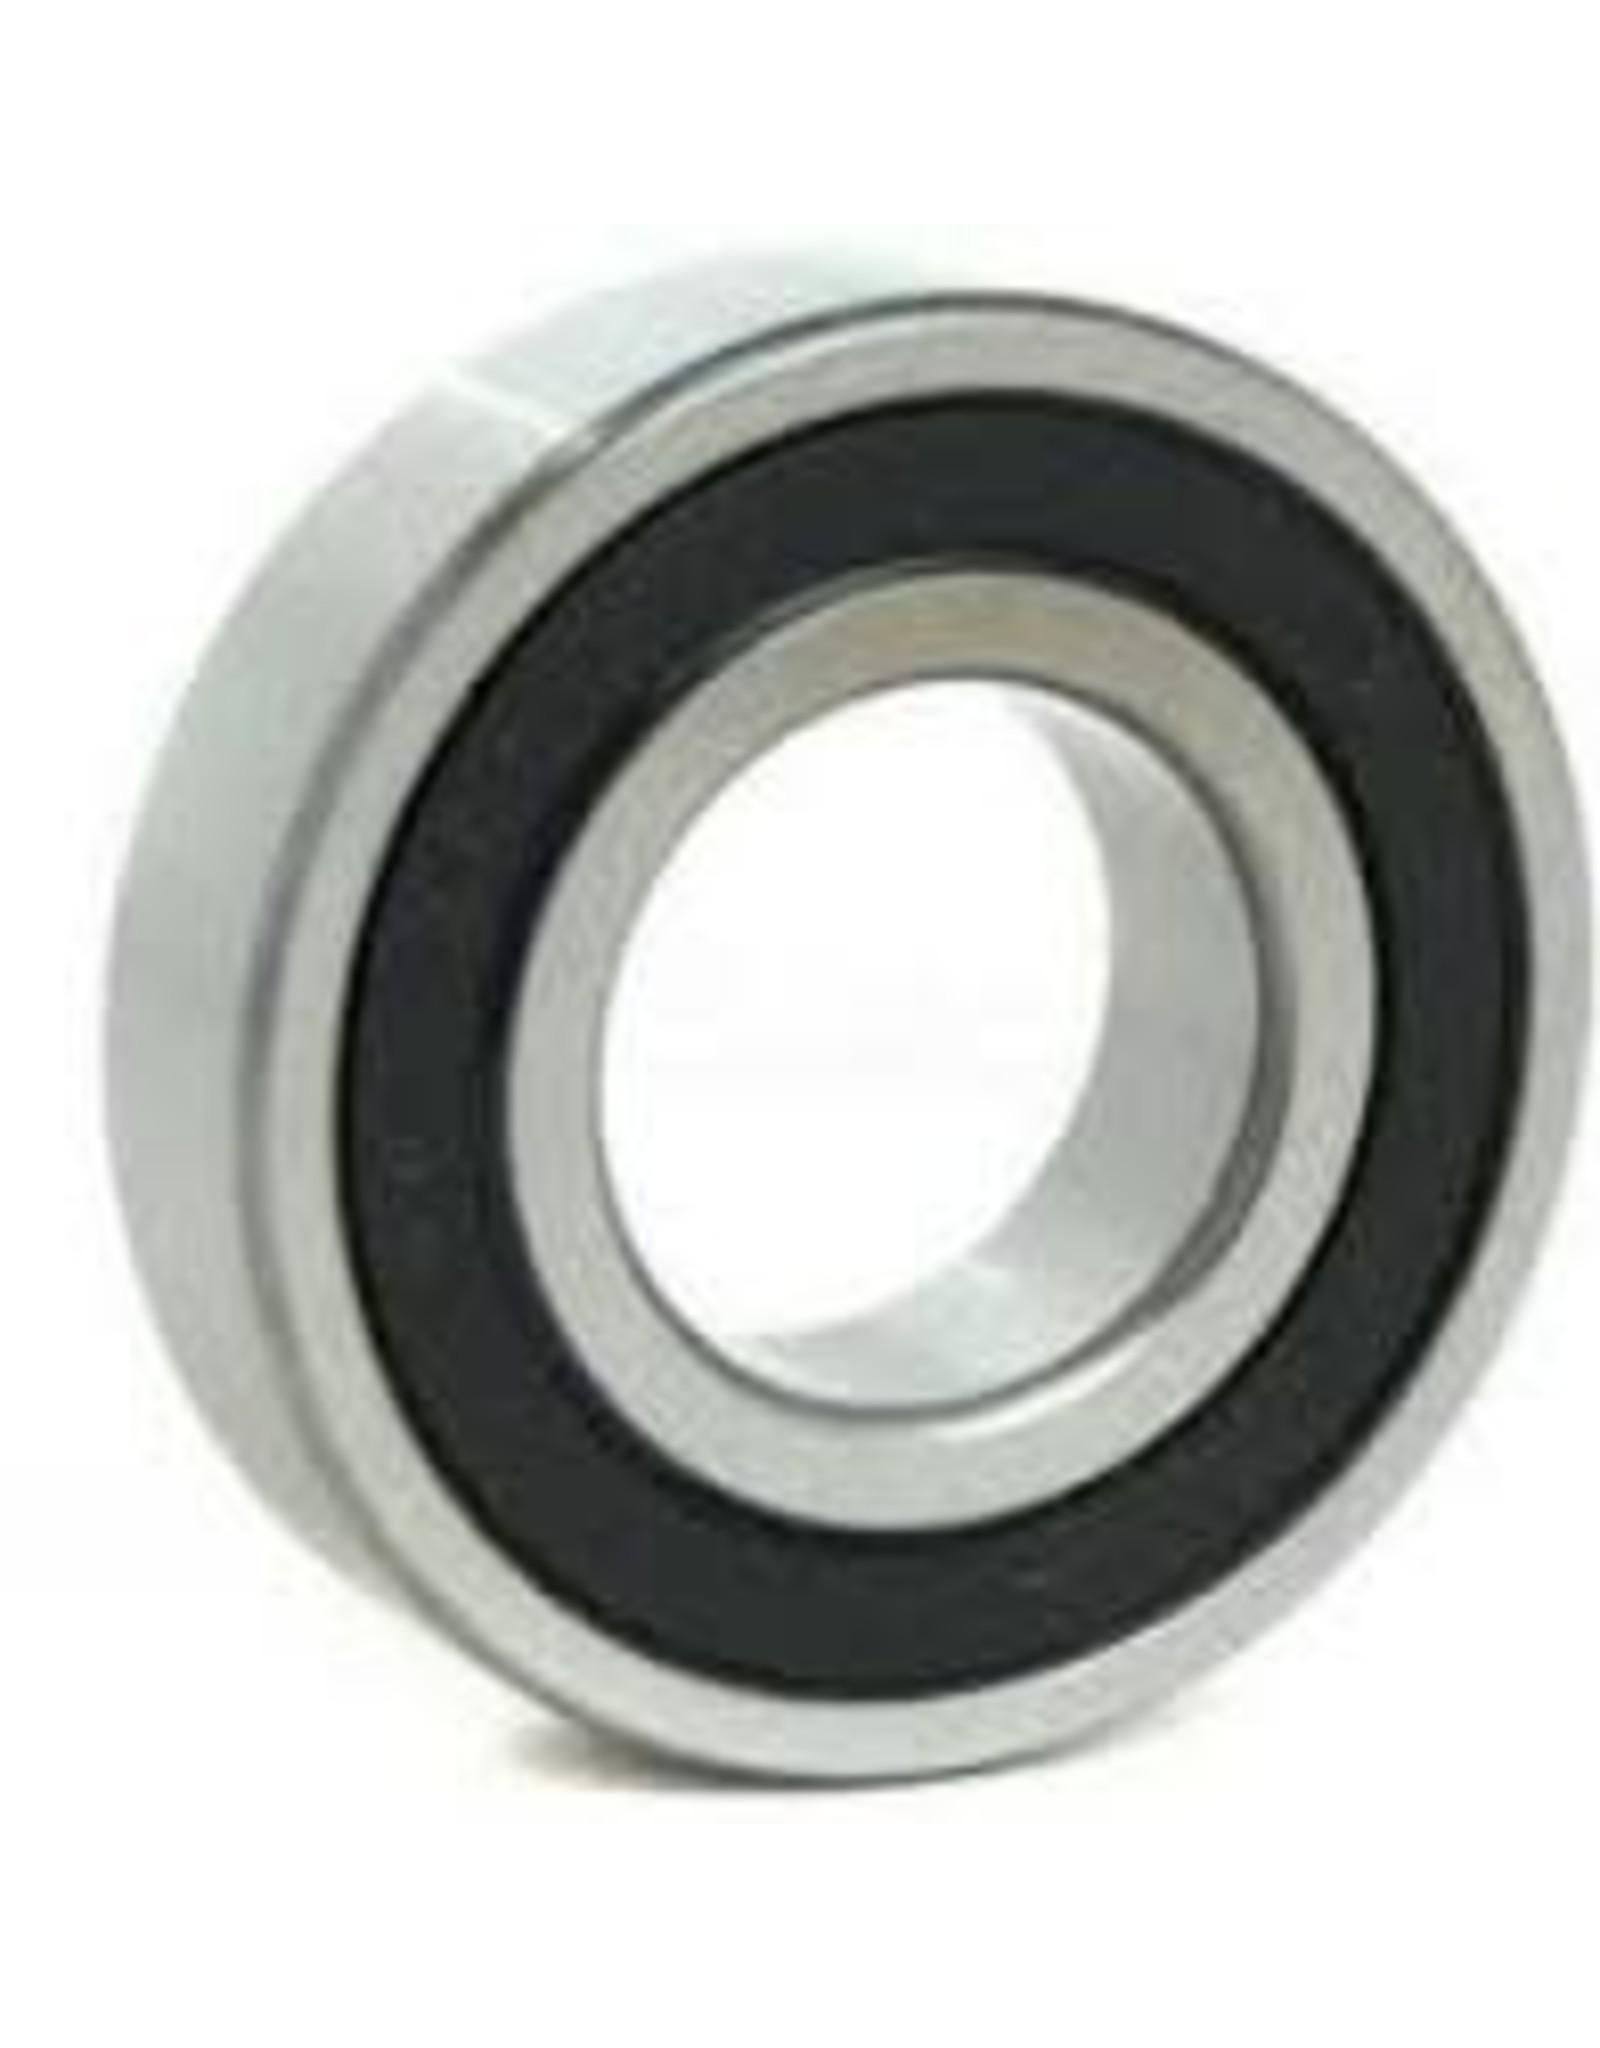 Bearing R8 Cartridge 12.7iX28.575o Pair